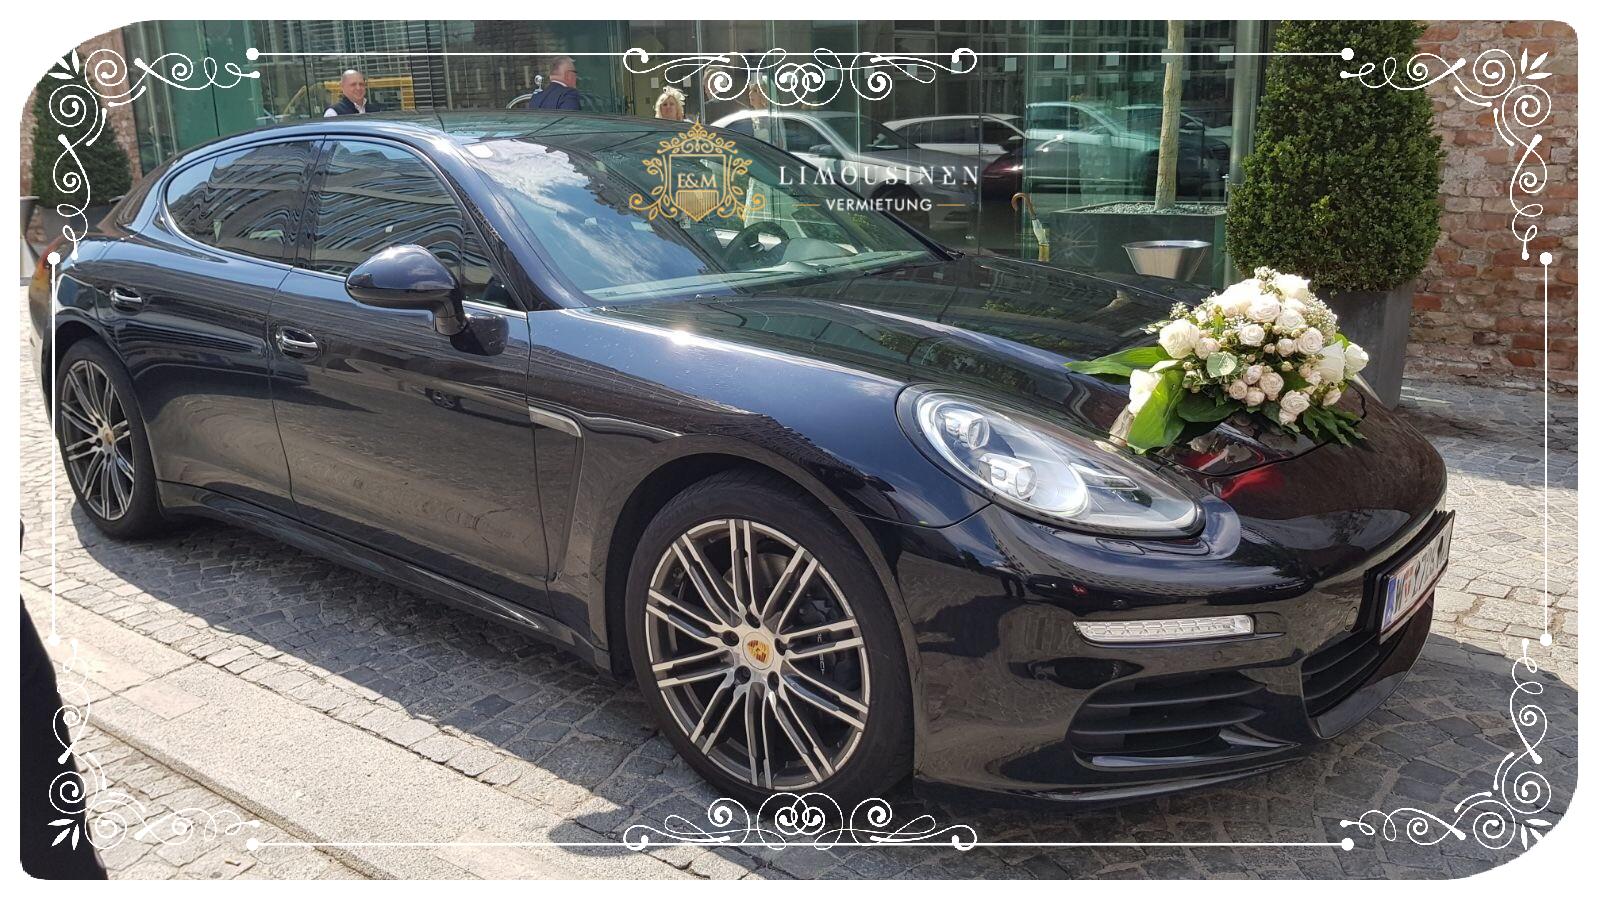 Porsche Panamera mieten zum Hochzeit Wien Niederoesterreich